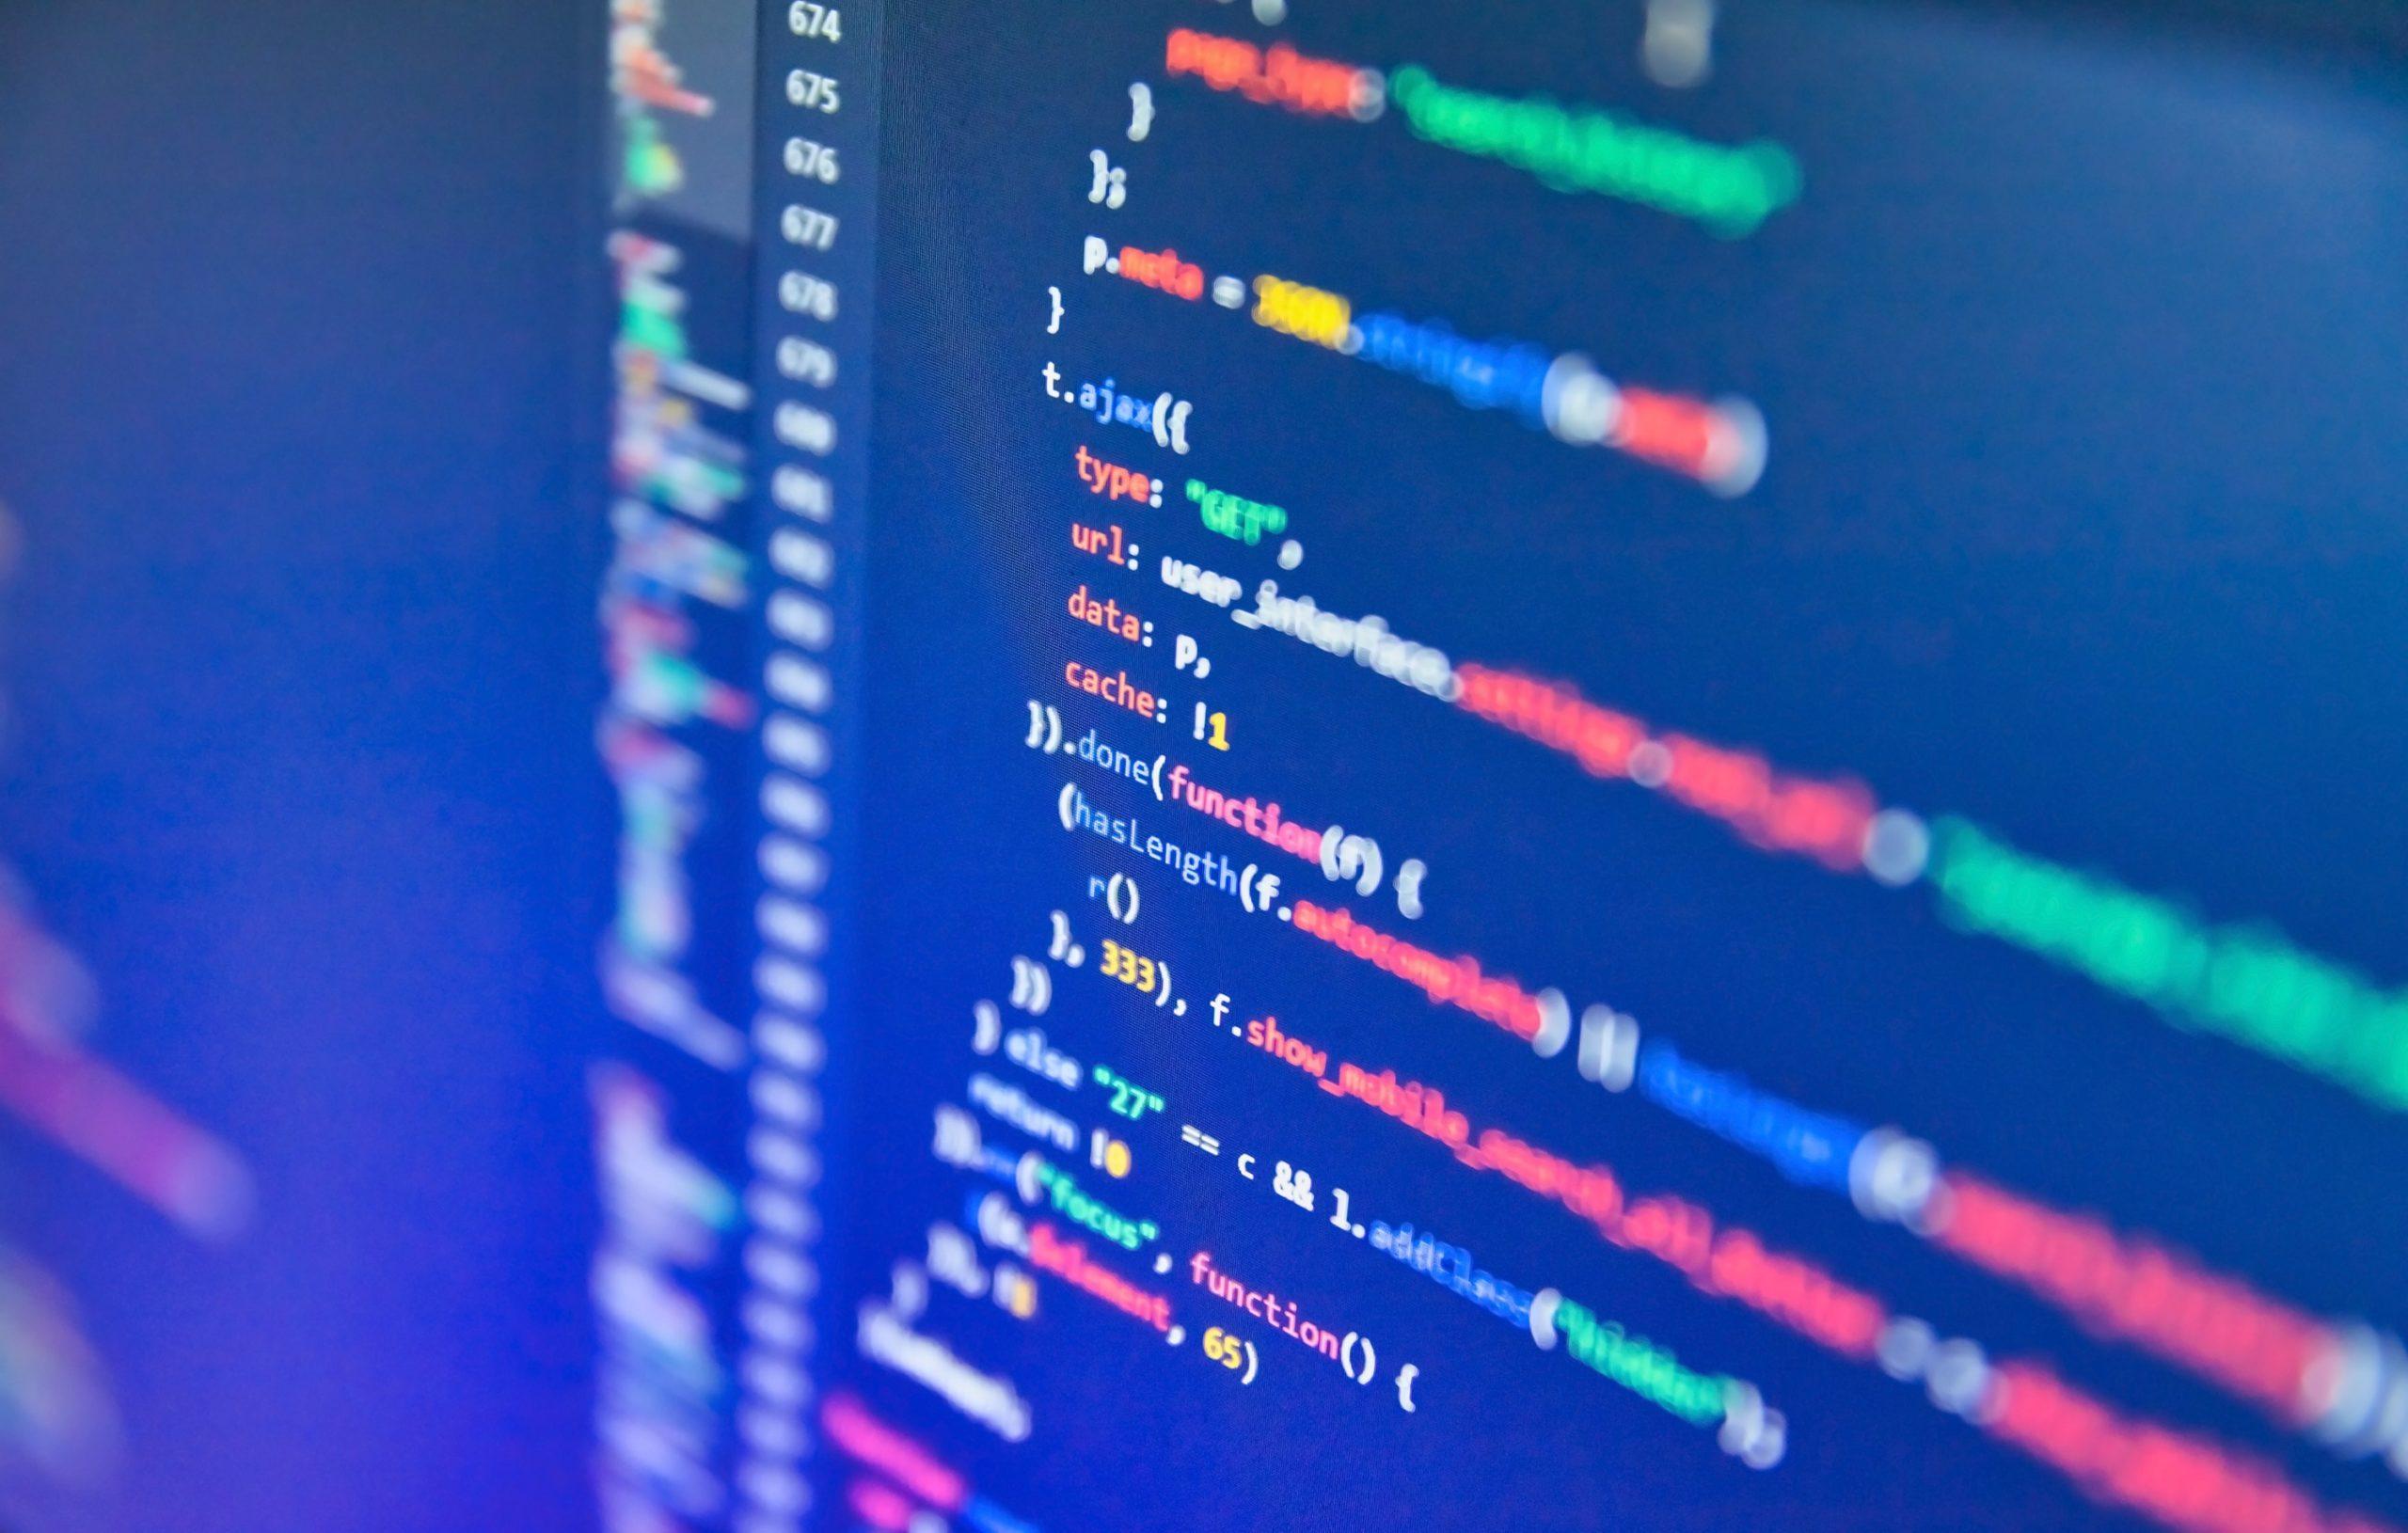 クラウドソーシングで必要とされるプログラミングレベルを解説の画像